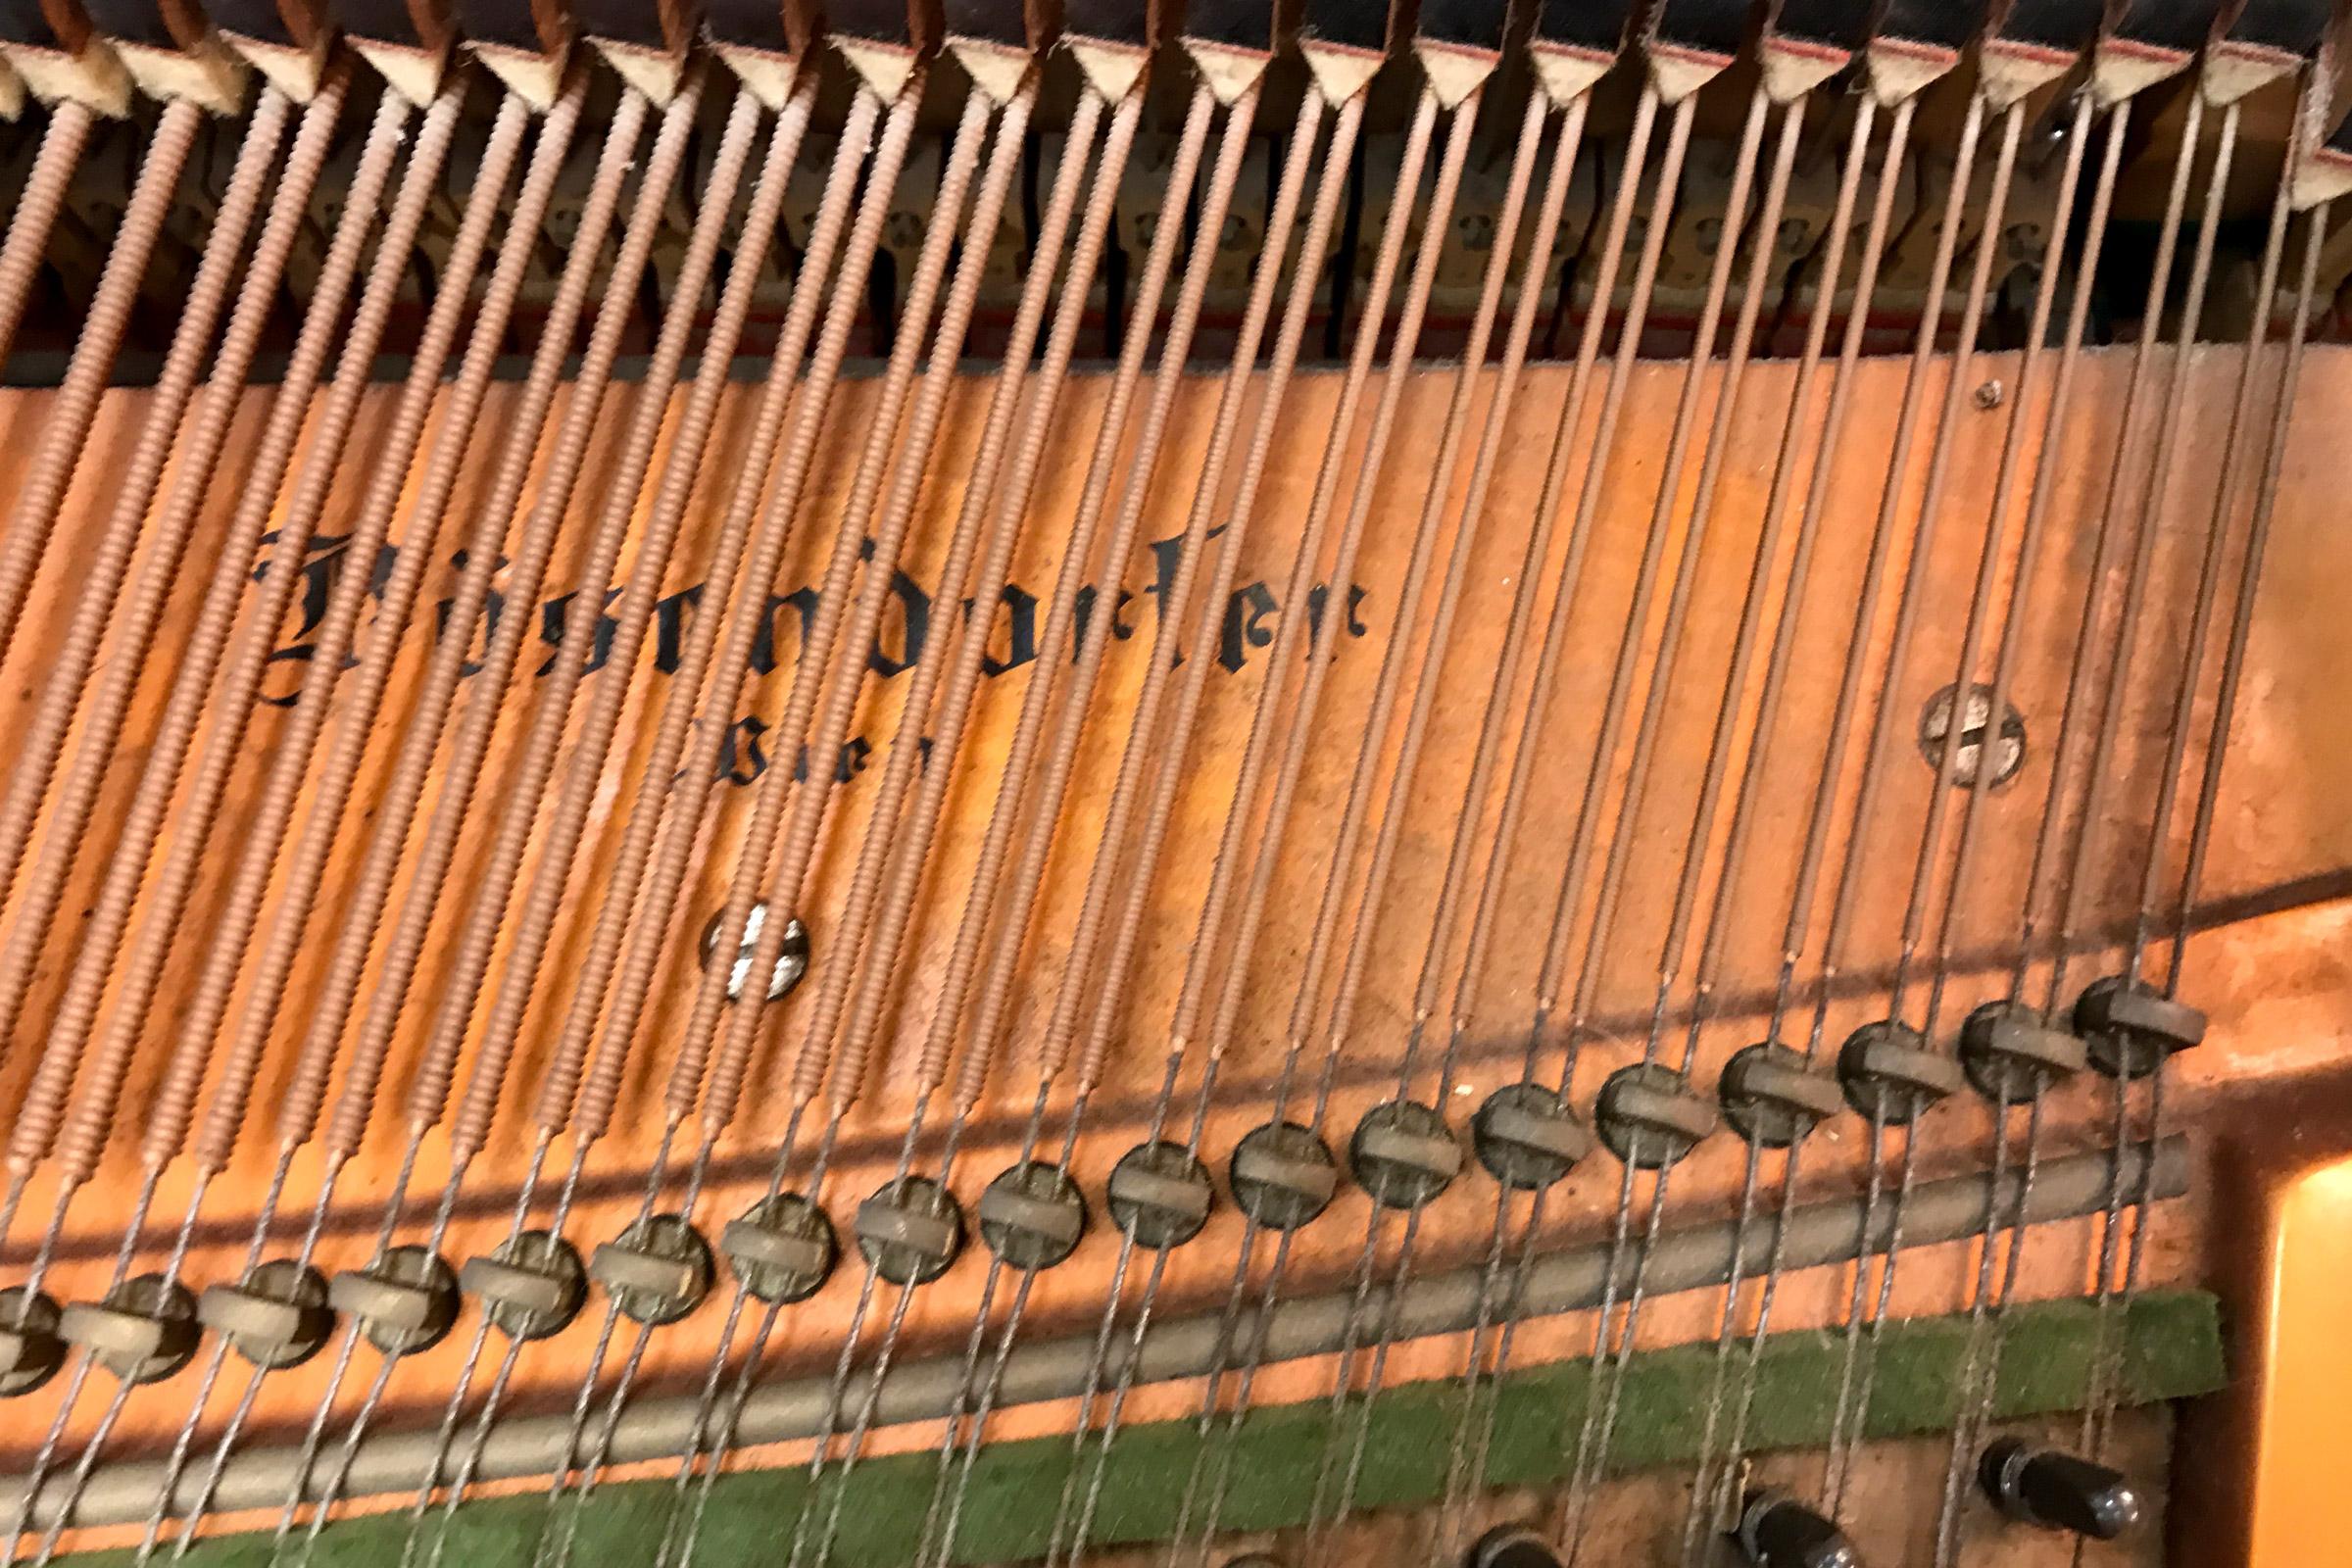 piano-reparatie-restauratie-techniek-25